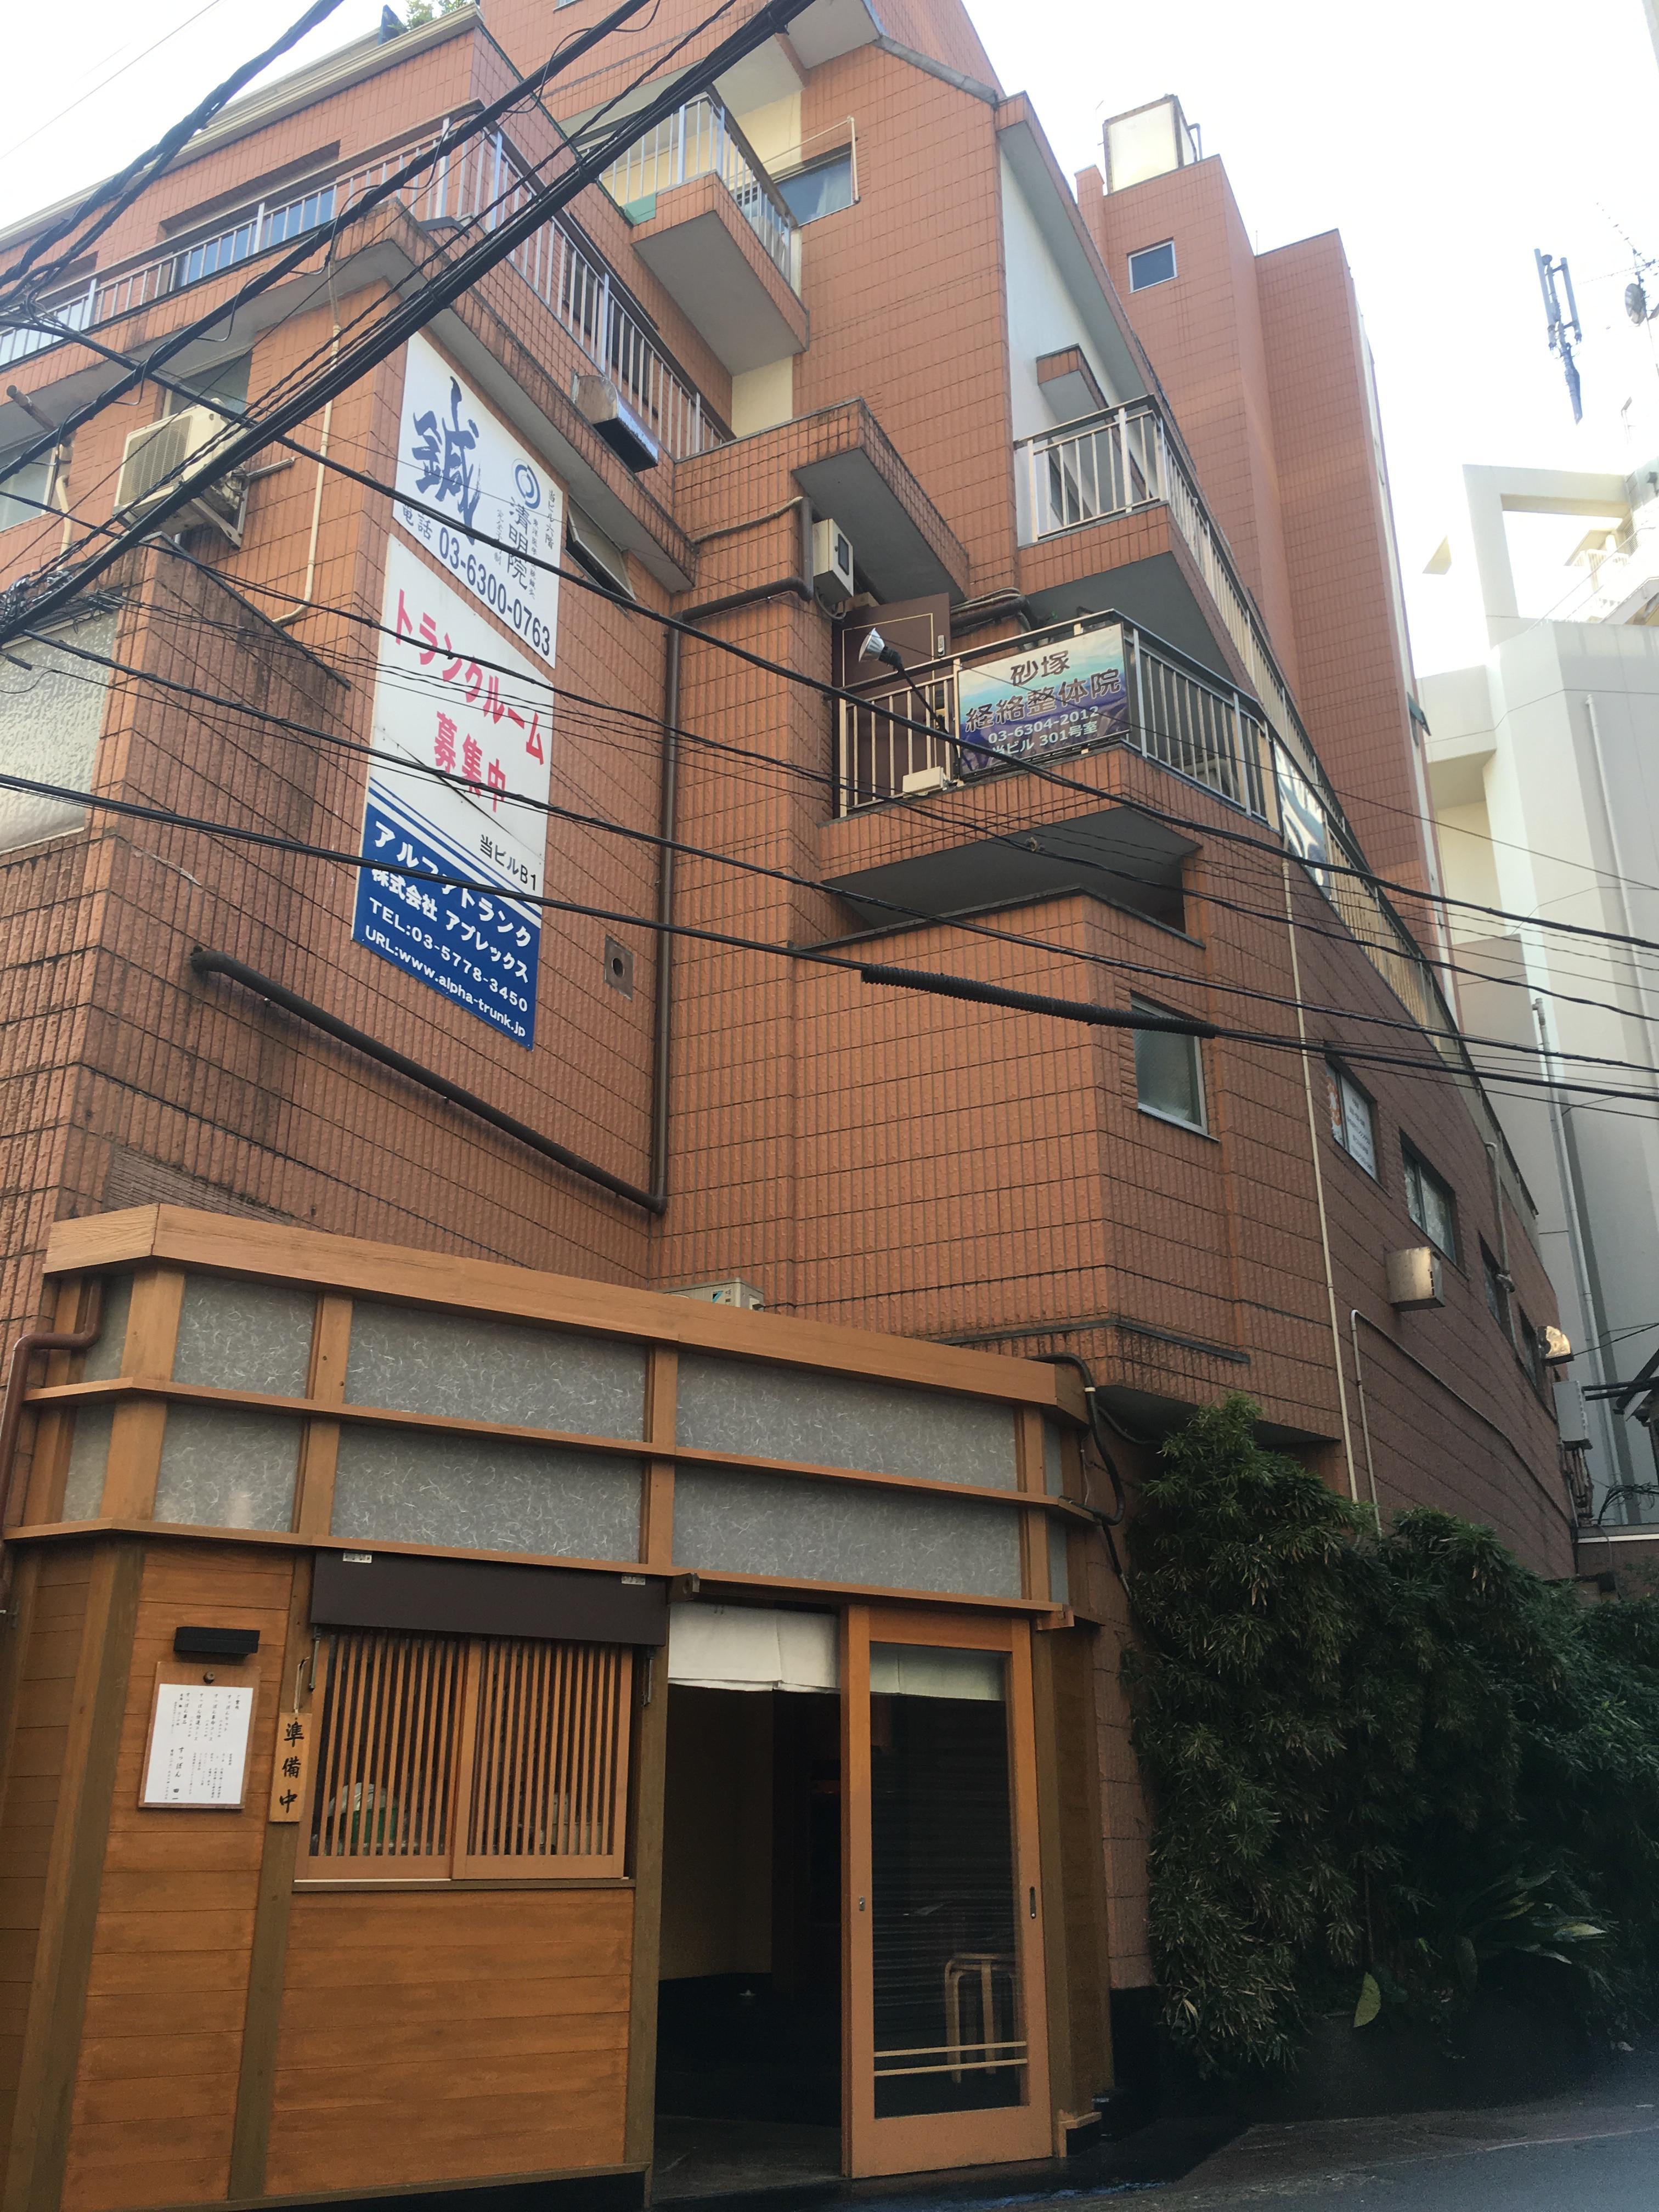 クランツ南新宿、東京都渋谷区代々木2-15-12、新宿駅 徒歩4分南新宿駅 徒歩5分